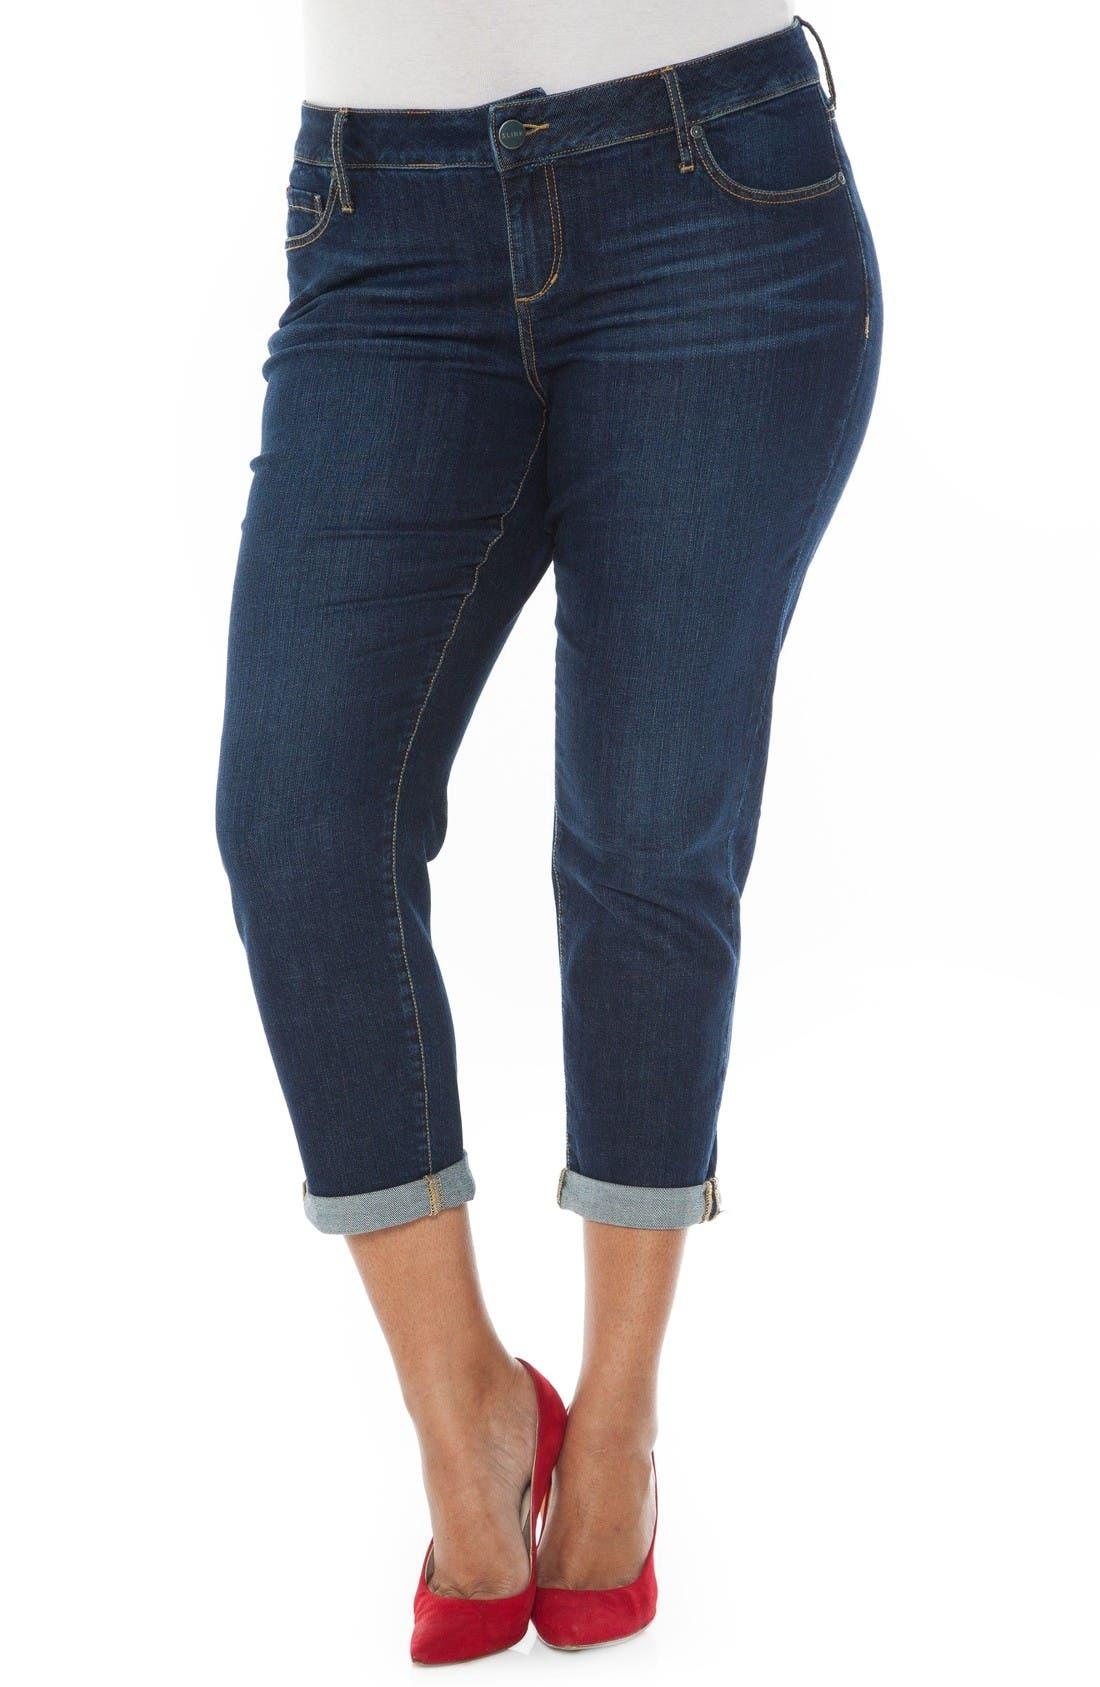 Main Image - SLINK Jeans Roll Crop Boyfriend Jeans (Amber) (Plus Size)